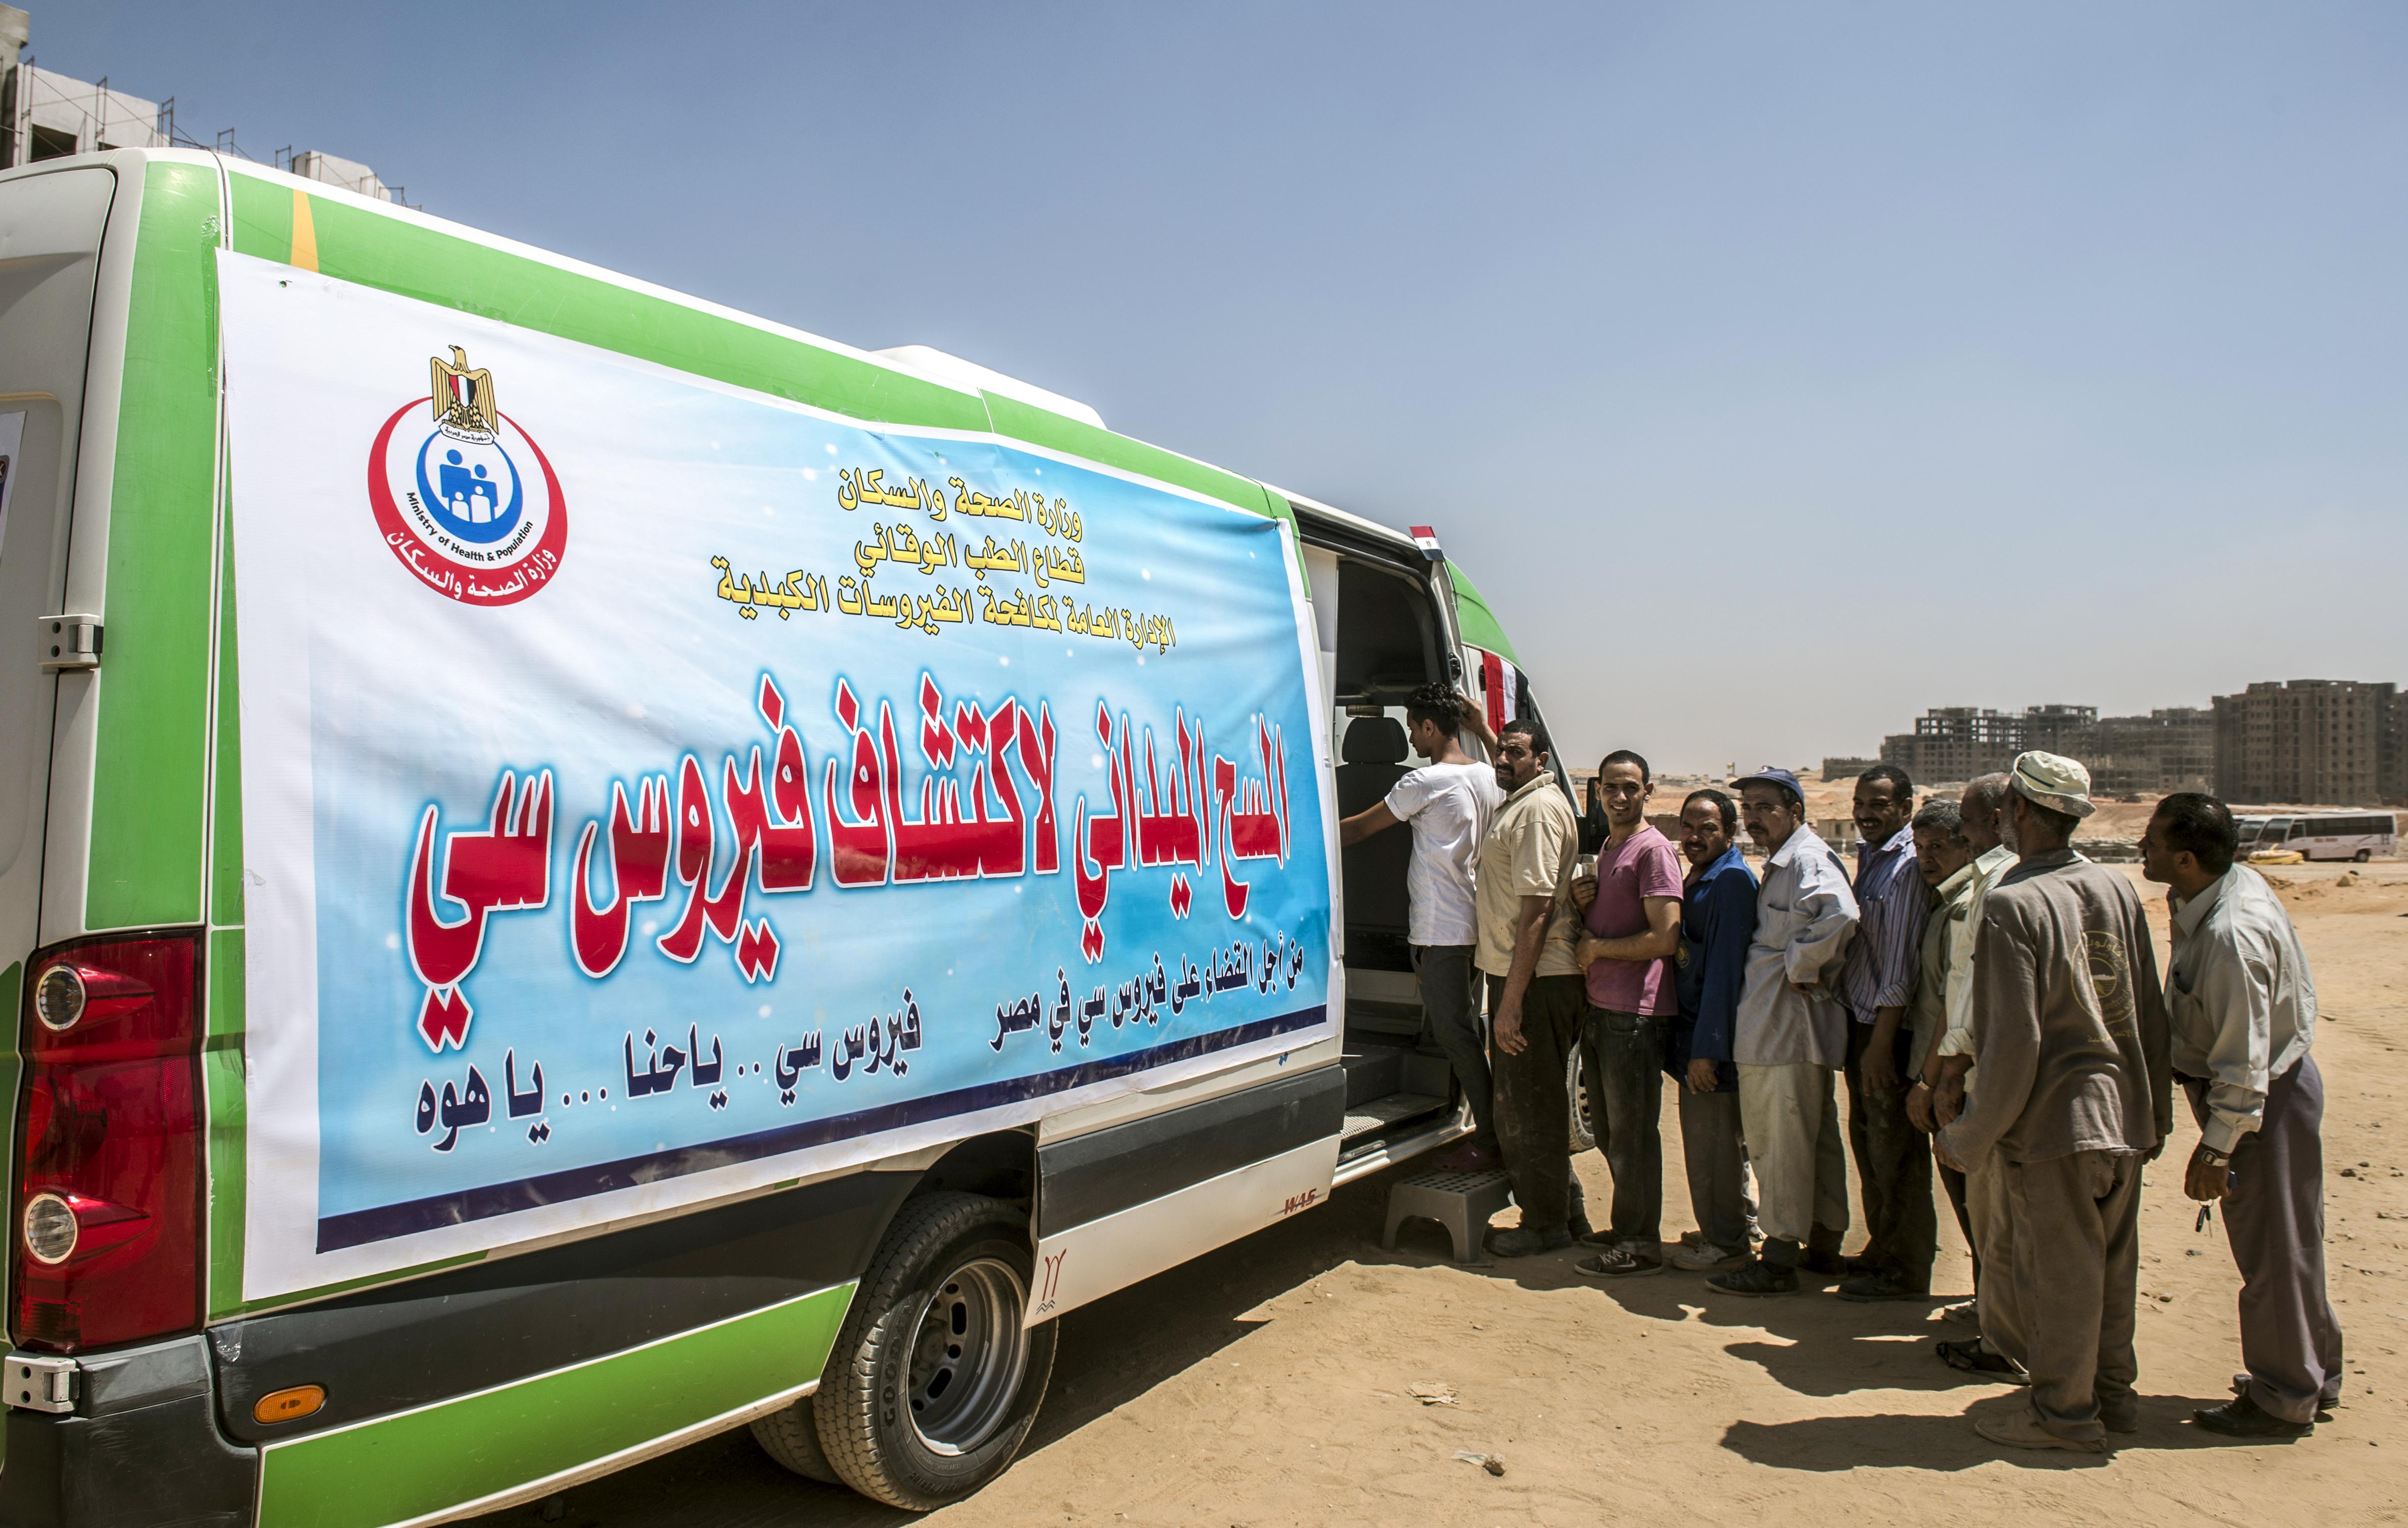 سيارة تابعة لوزارة الصحة للكشف عن مرضى فيروس سي